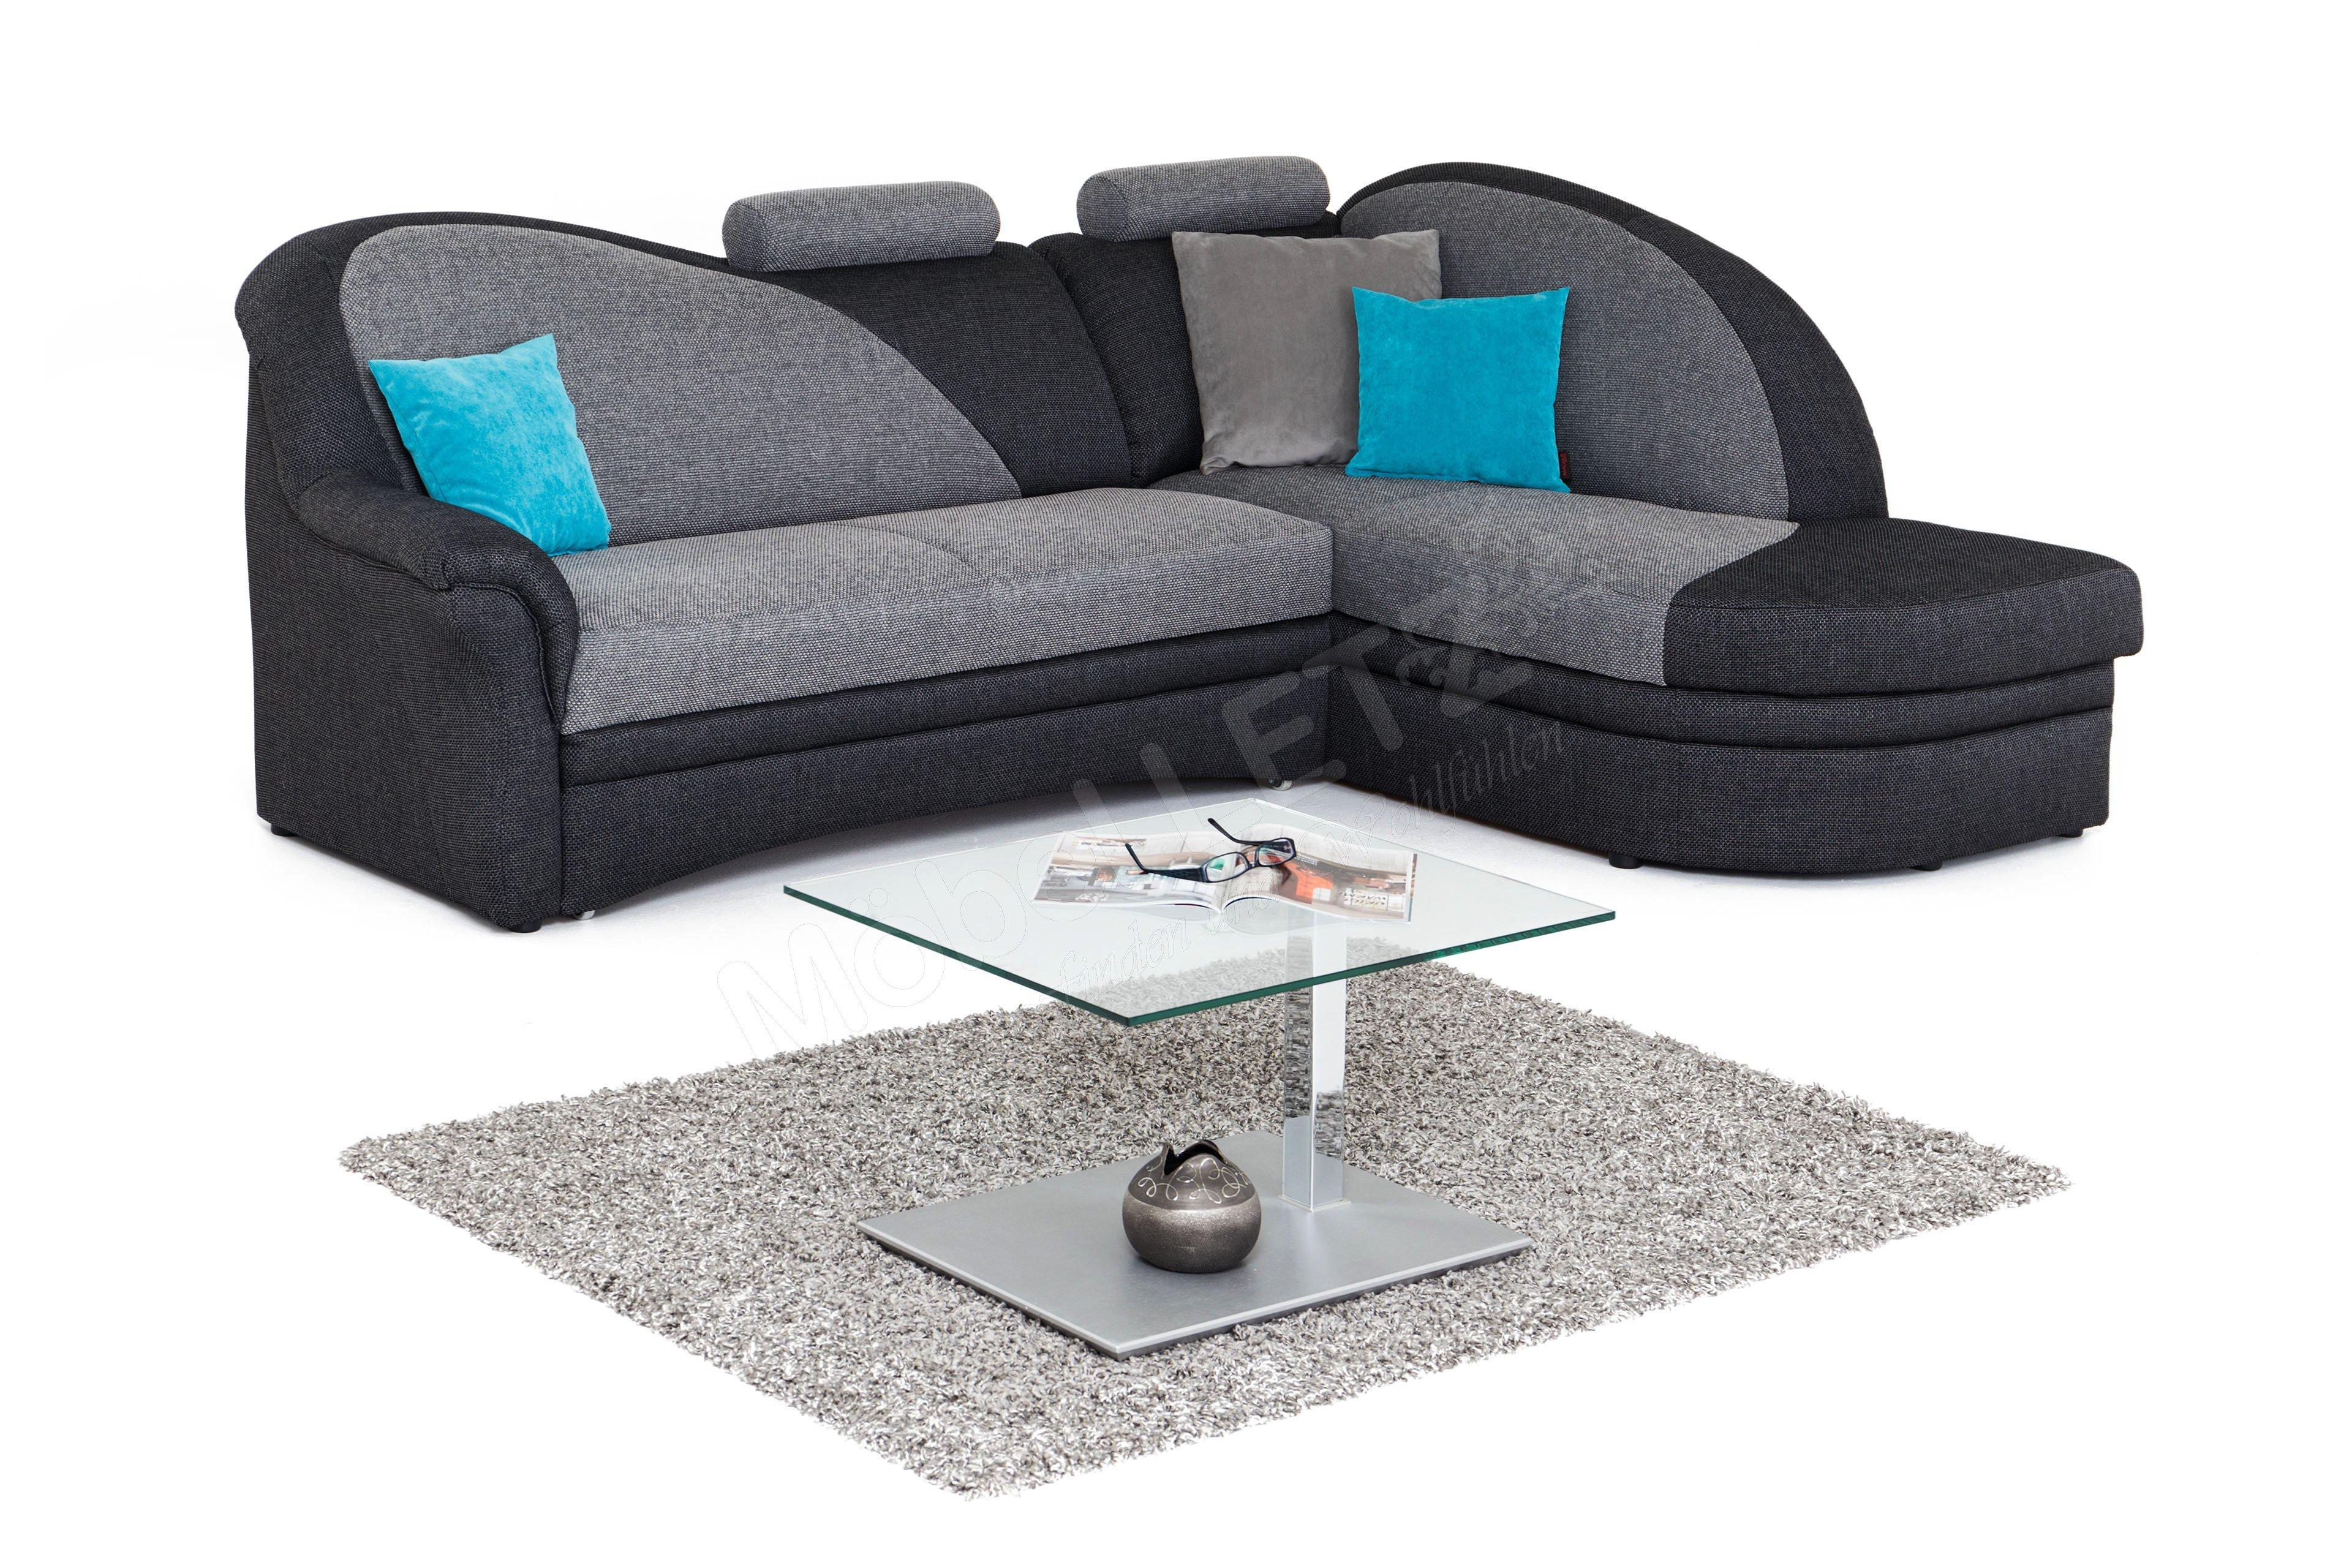 ecksofa helsinki inspirierendes design f r wohnm bel. Black Bedroom Furniture Sets. Home Design Ideas